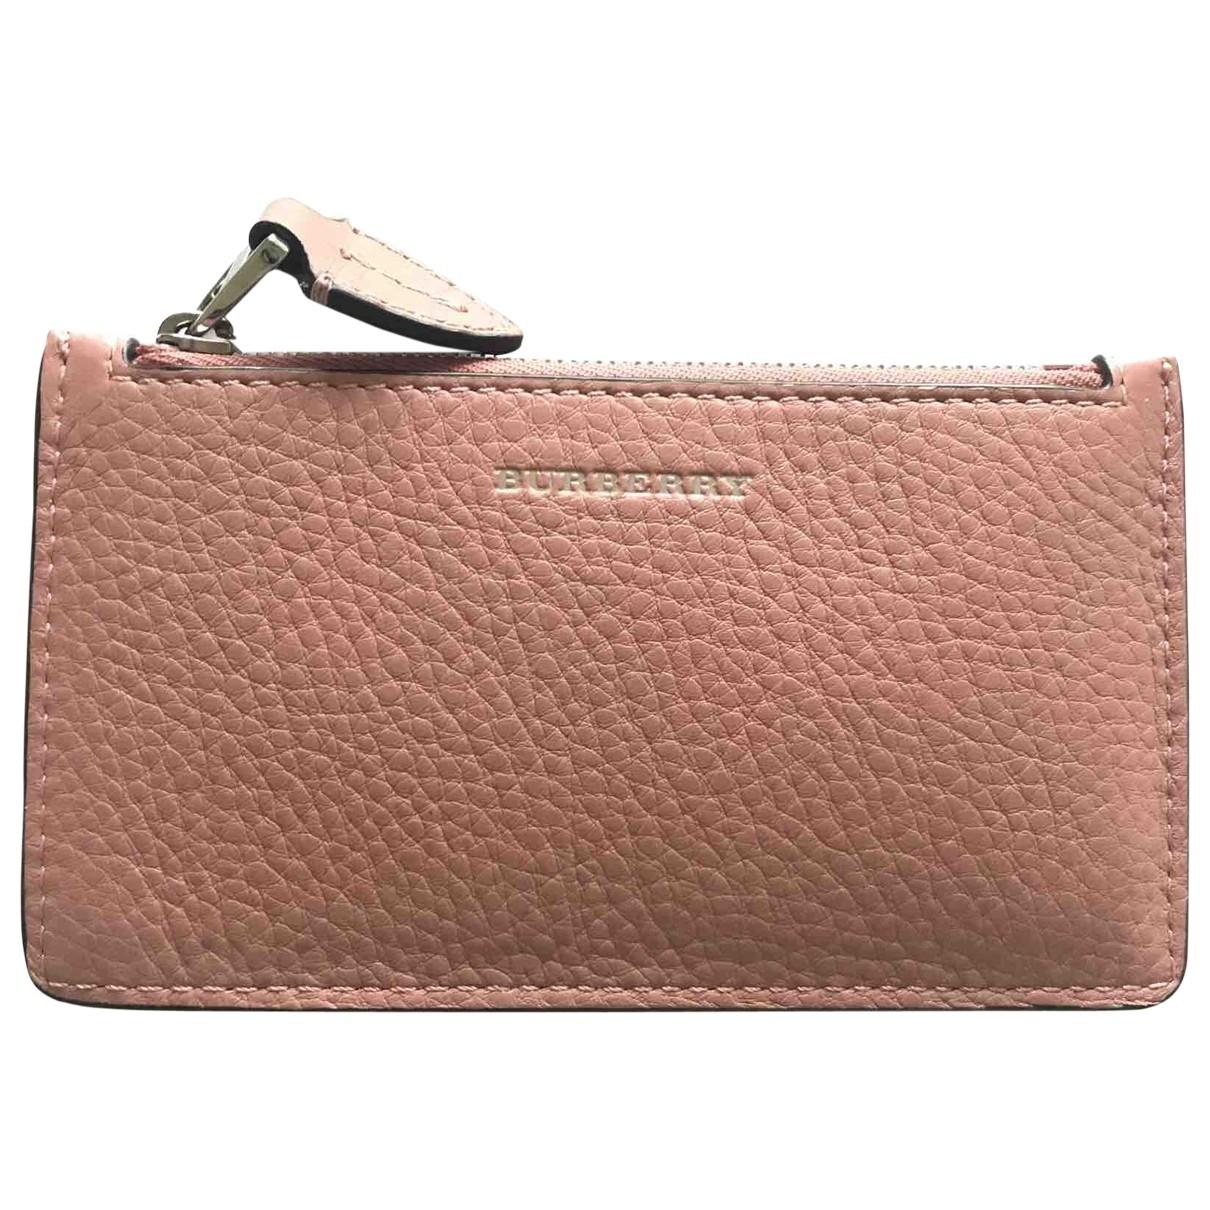 Burberry - Petite maroquinerie   pour femme en cuir - rose